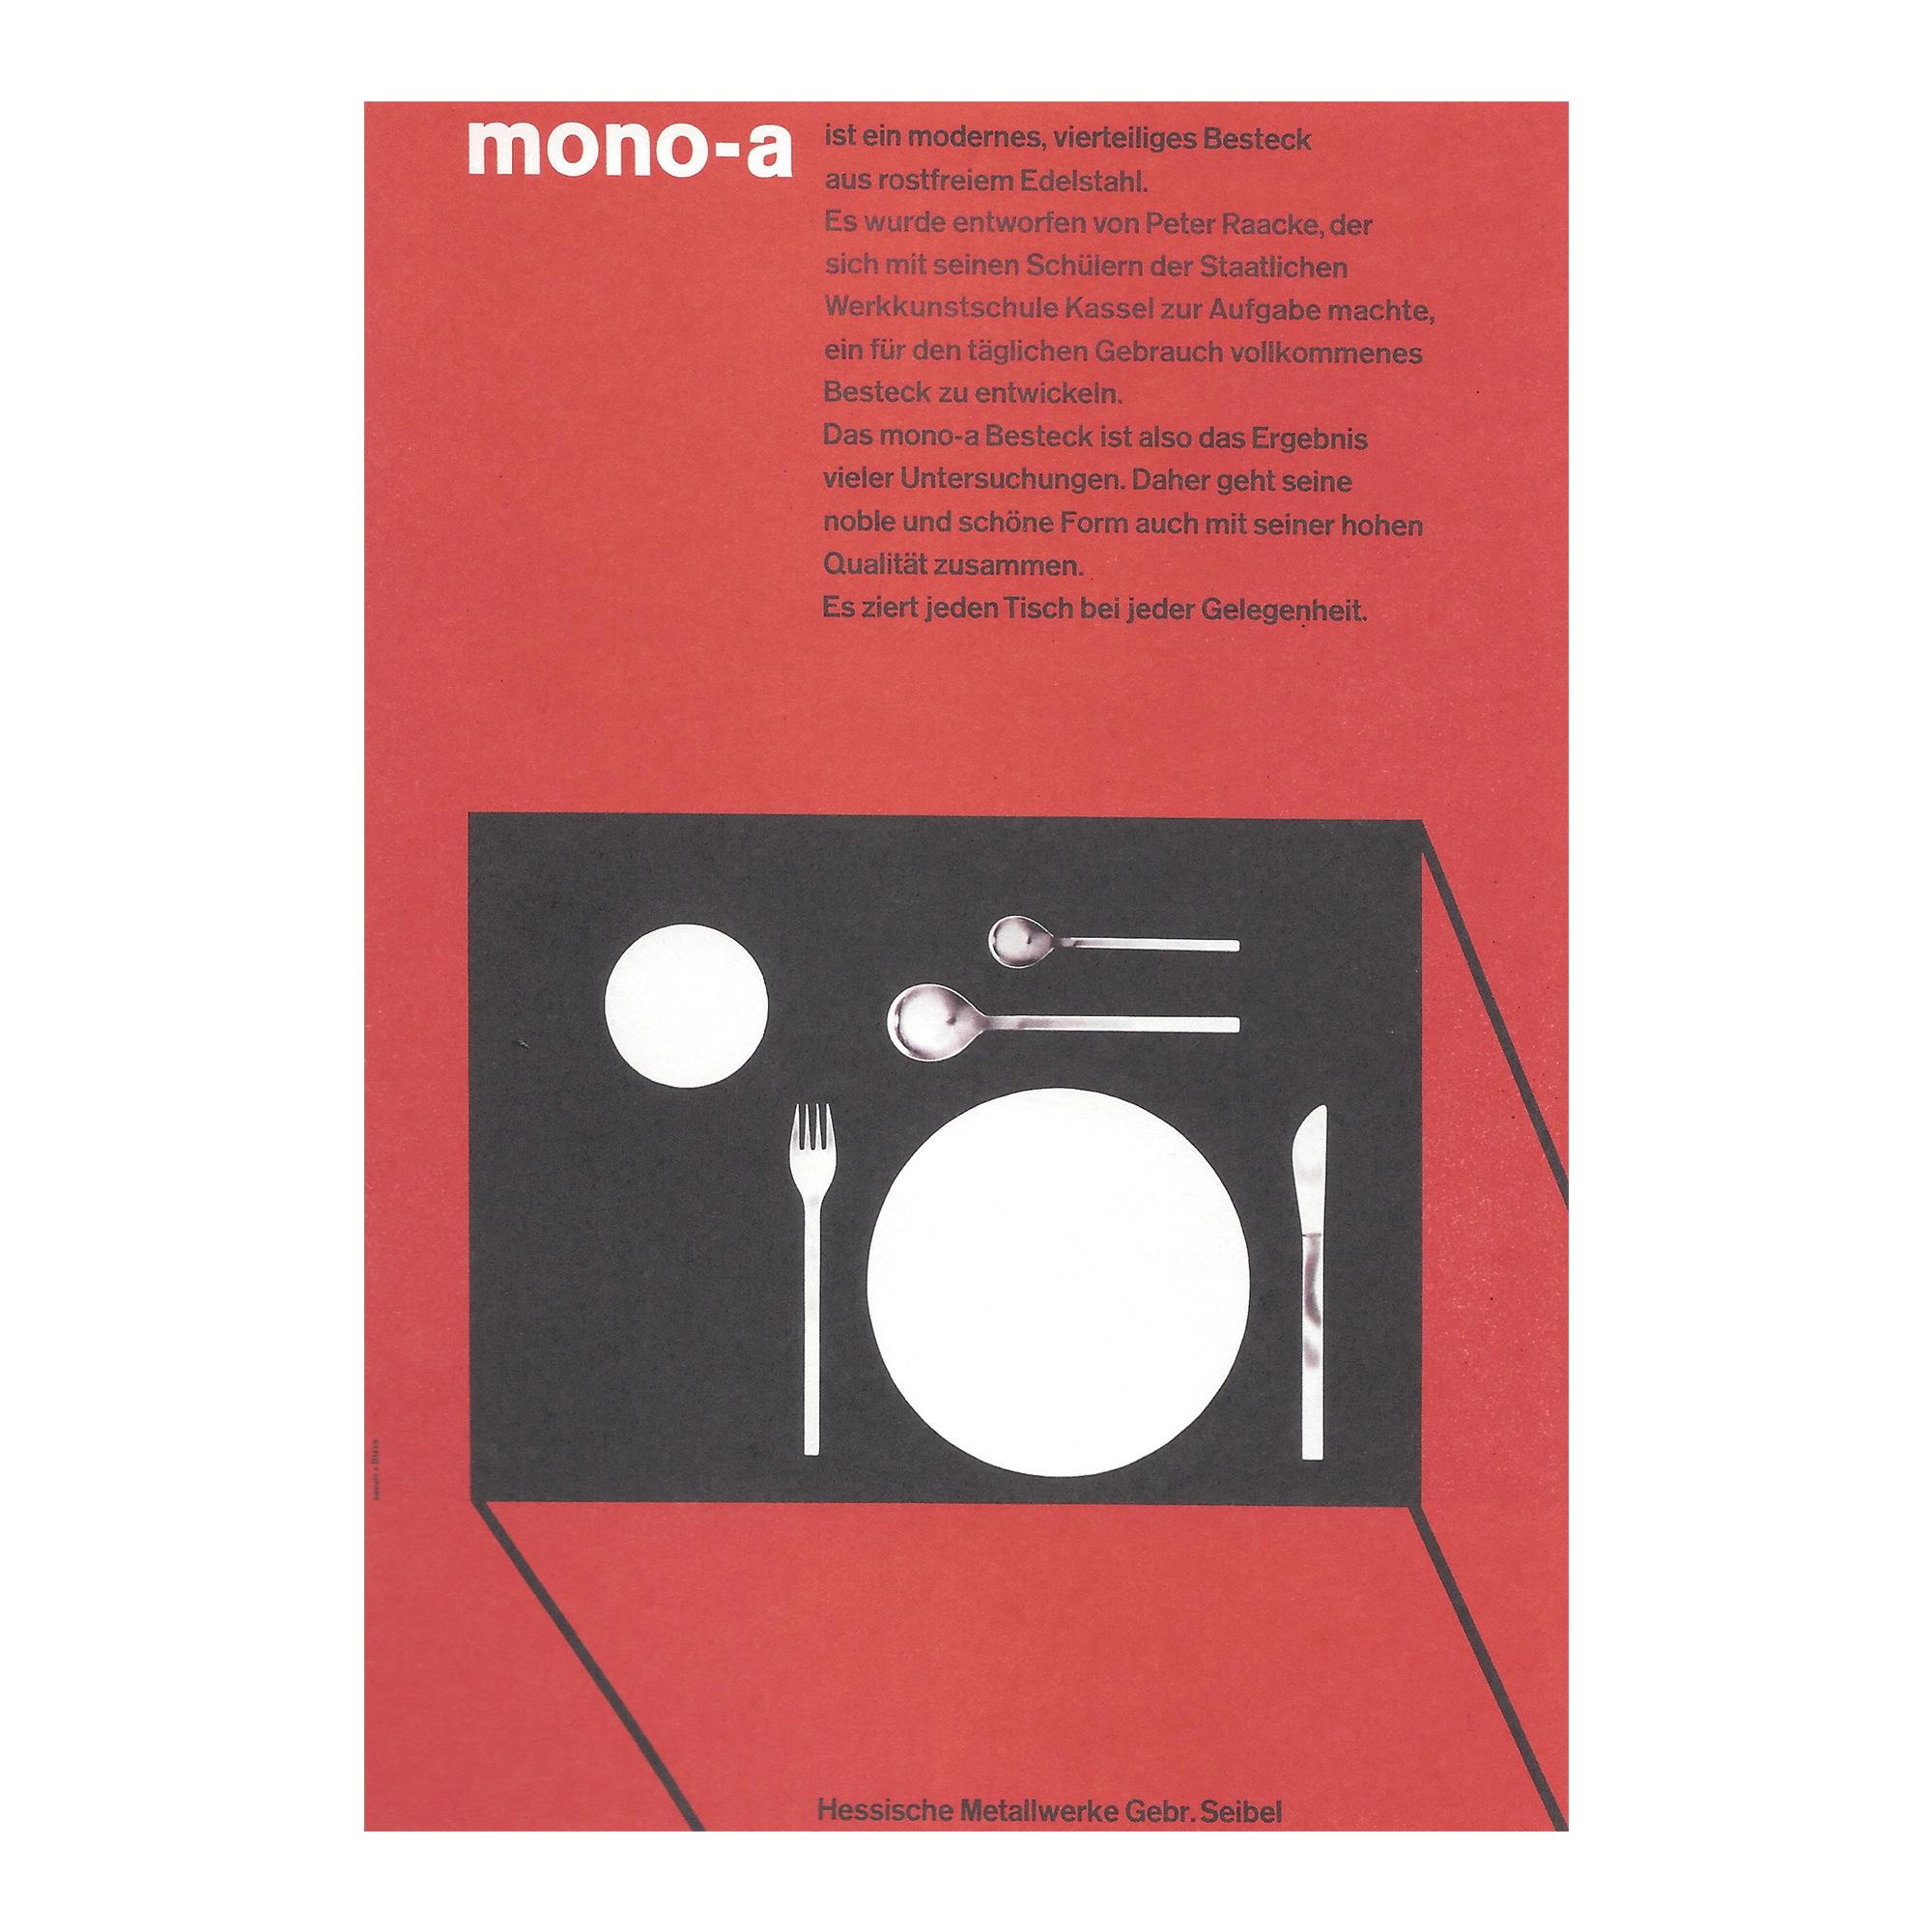 mono a history poster